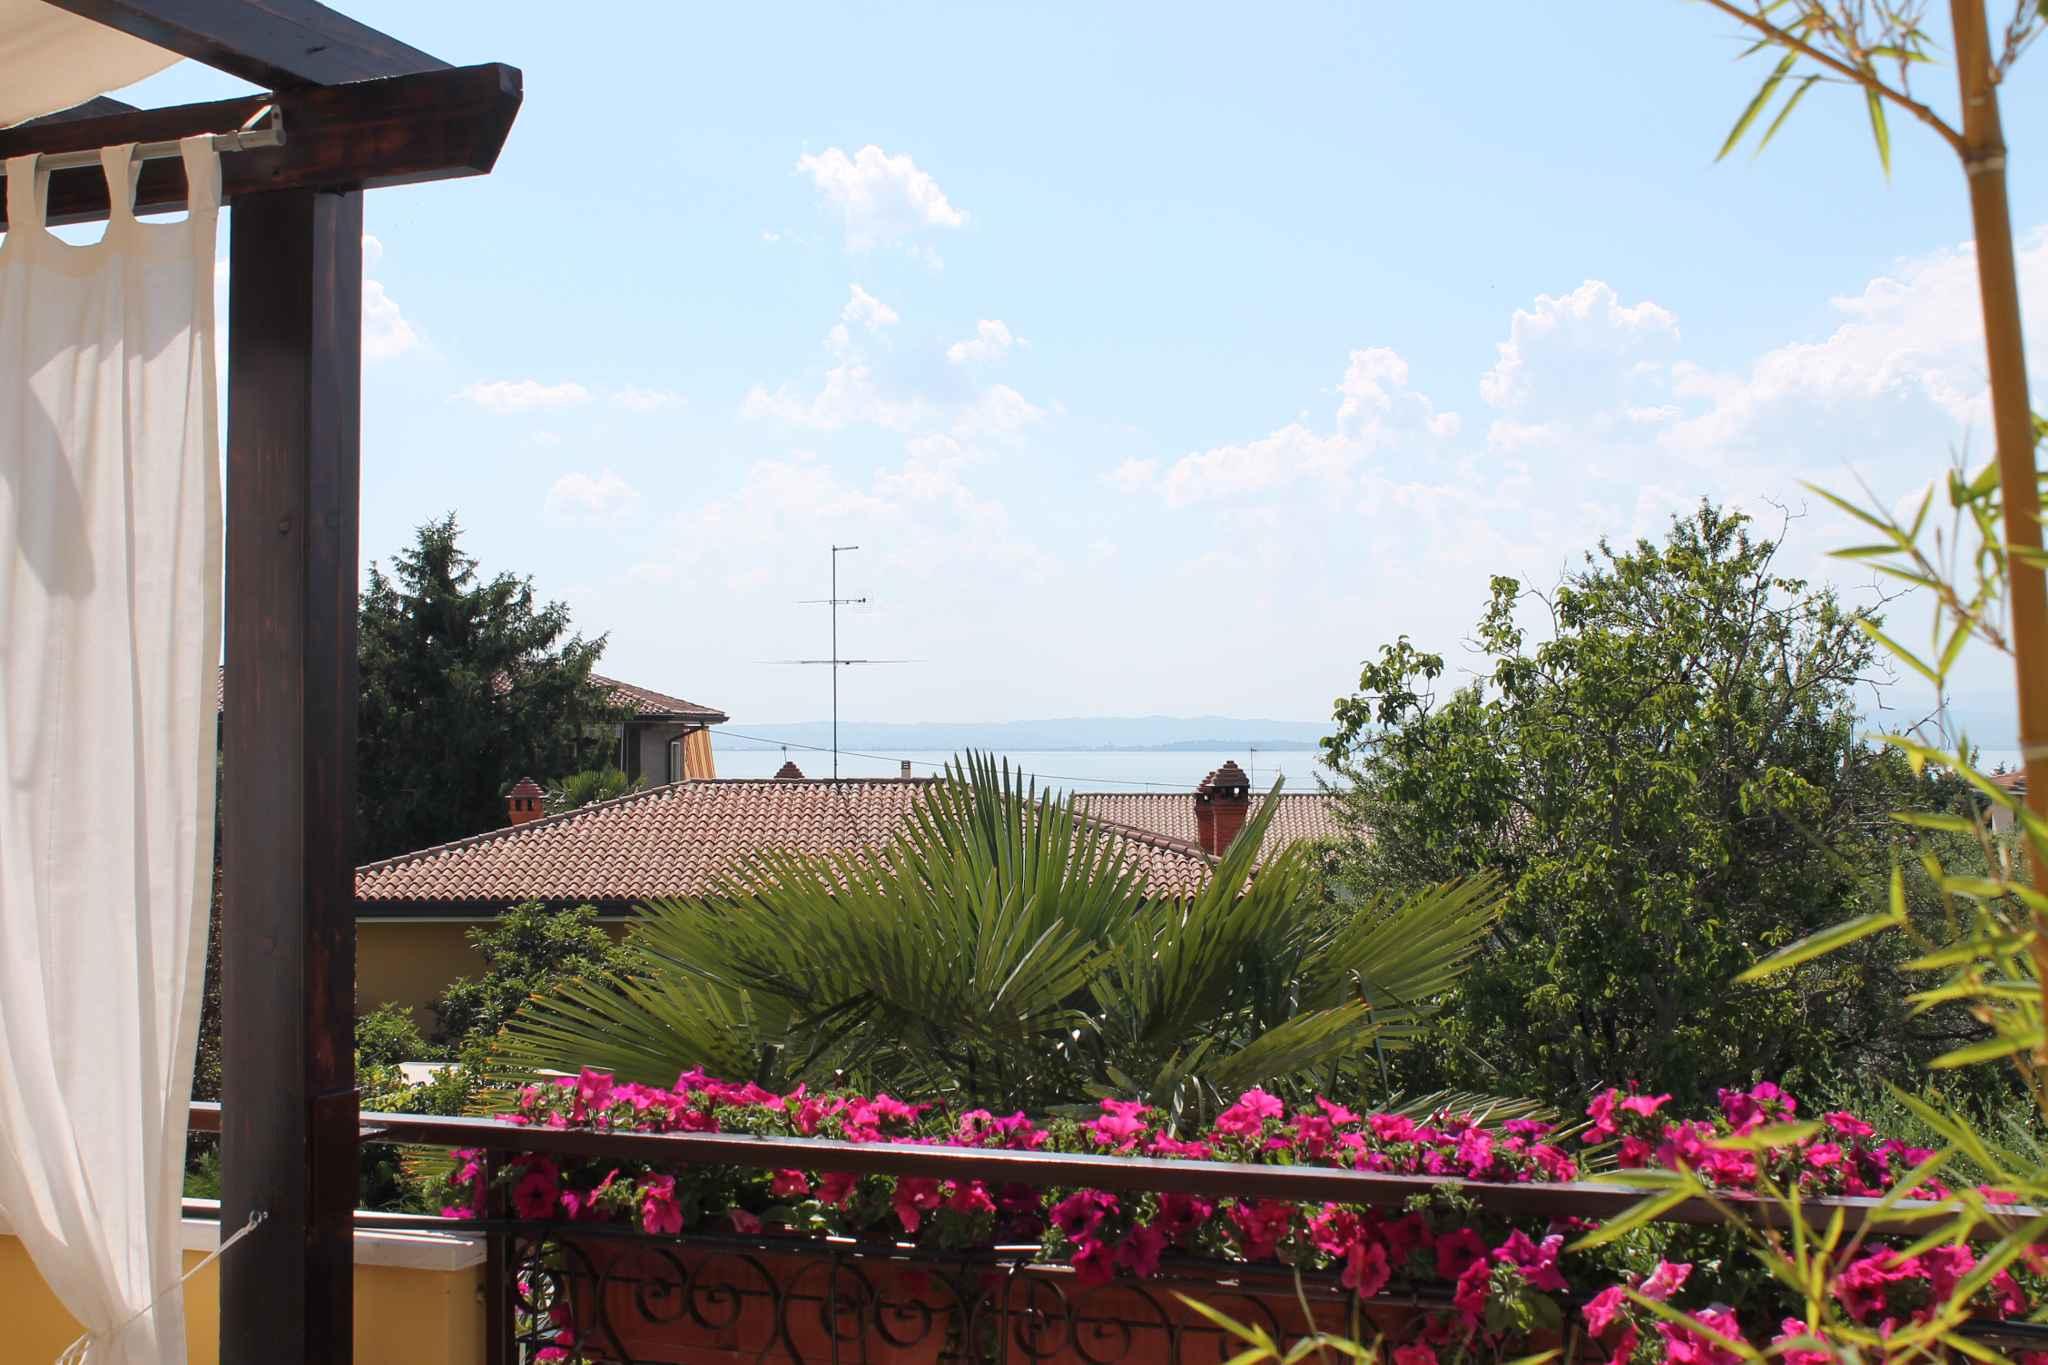 Ferienwohnung con balcone (480312), Lazise, Gardasee, Venetien, Italien, Bild 4